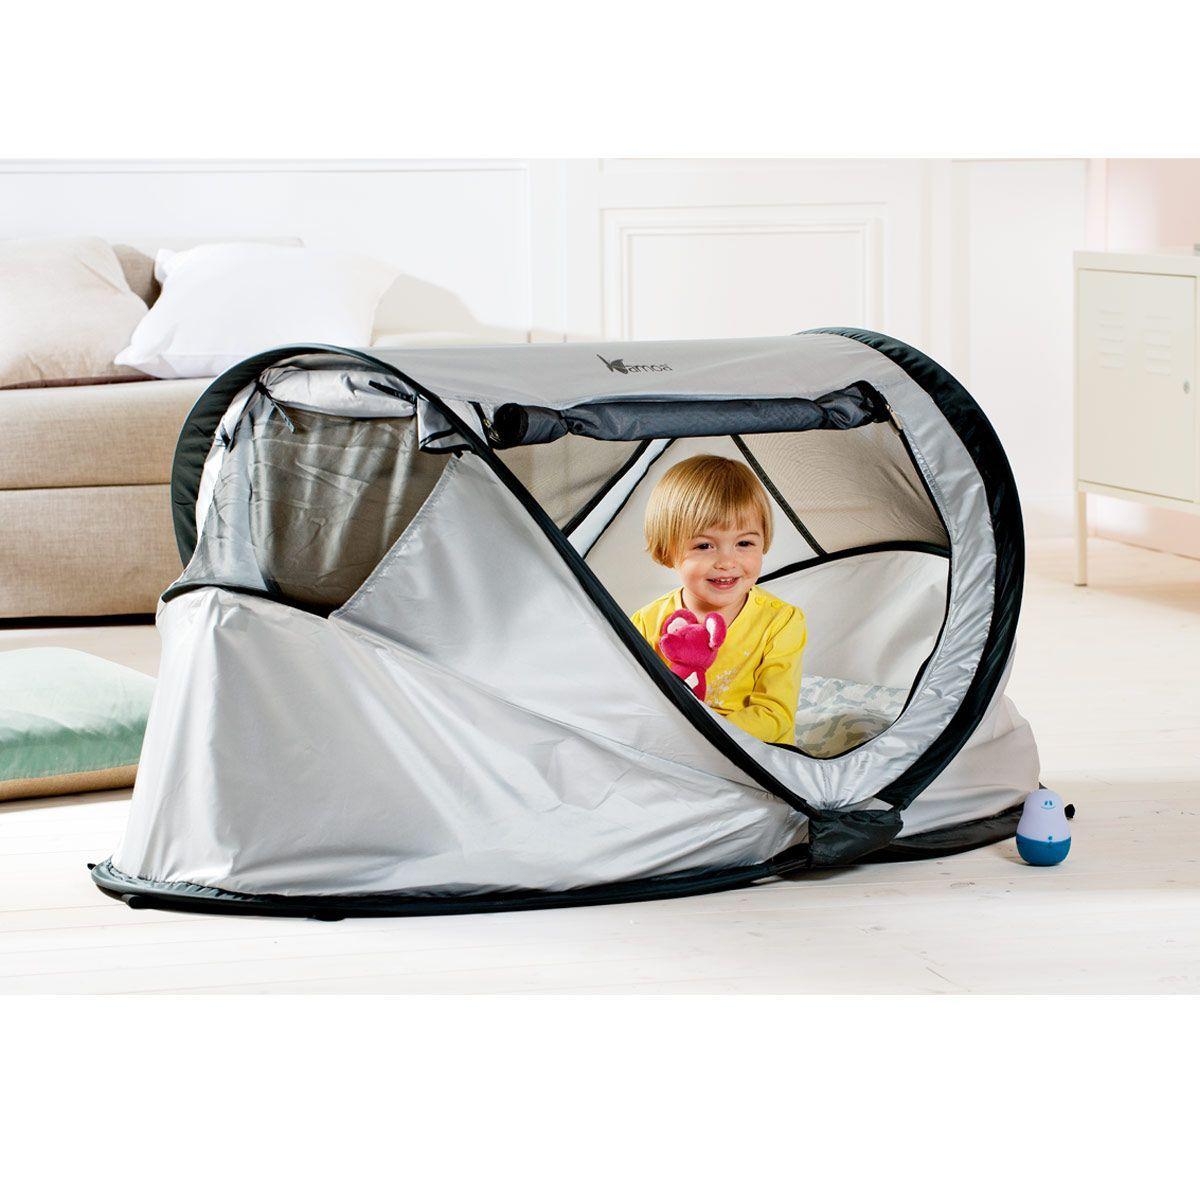 Lit Tente Pop Up Silver Oxybul Pour Enfant De 1 An A 4 Ans Oxybul